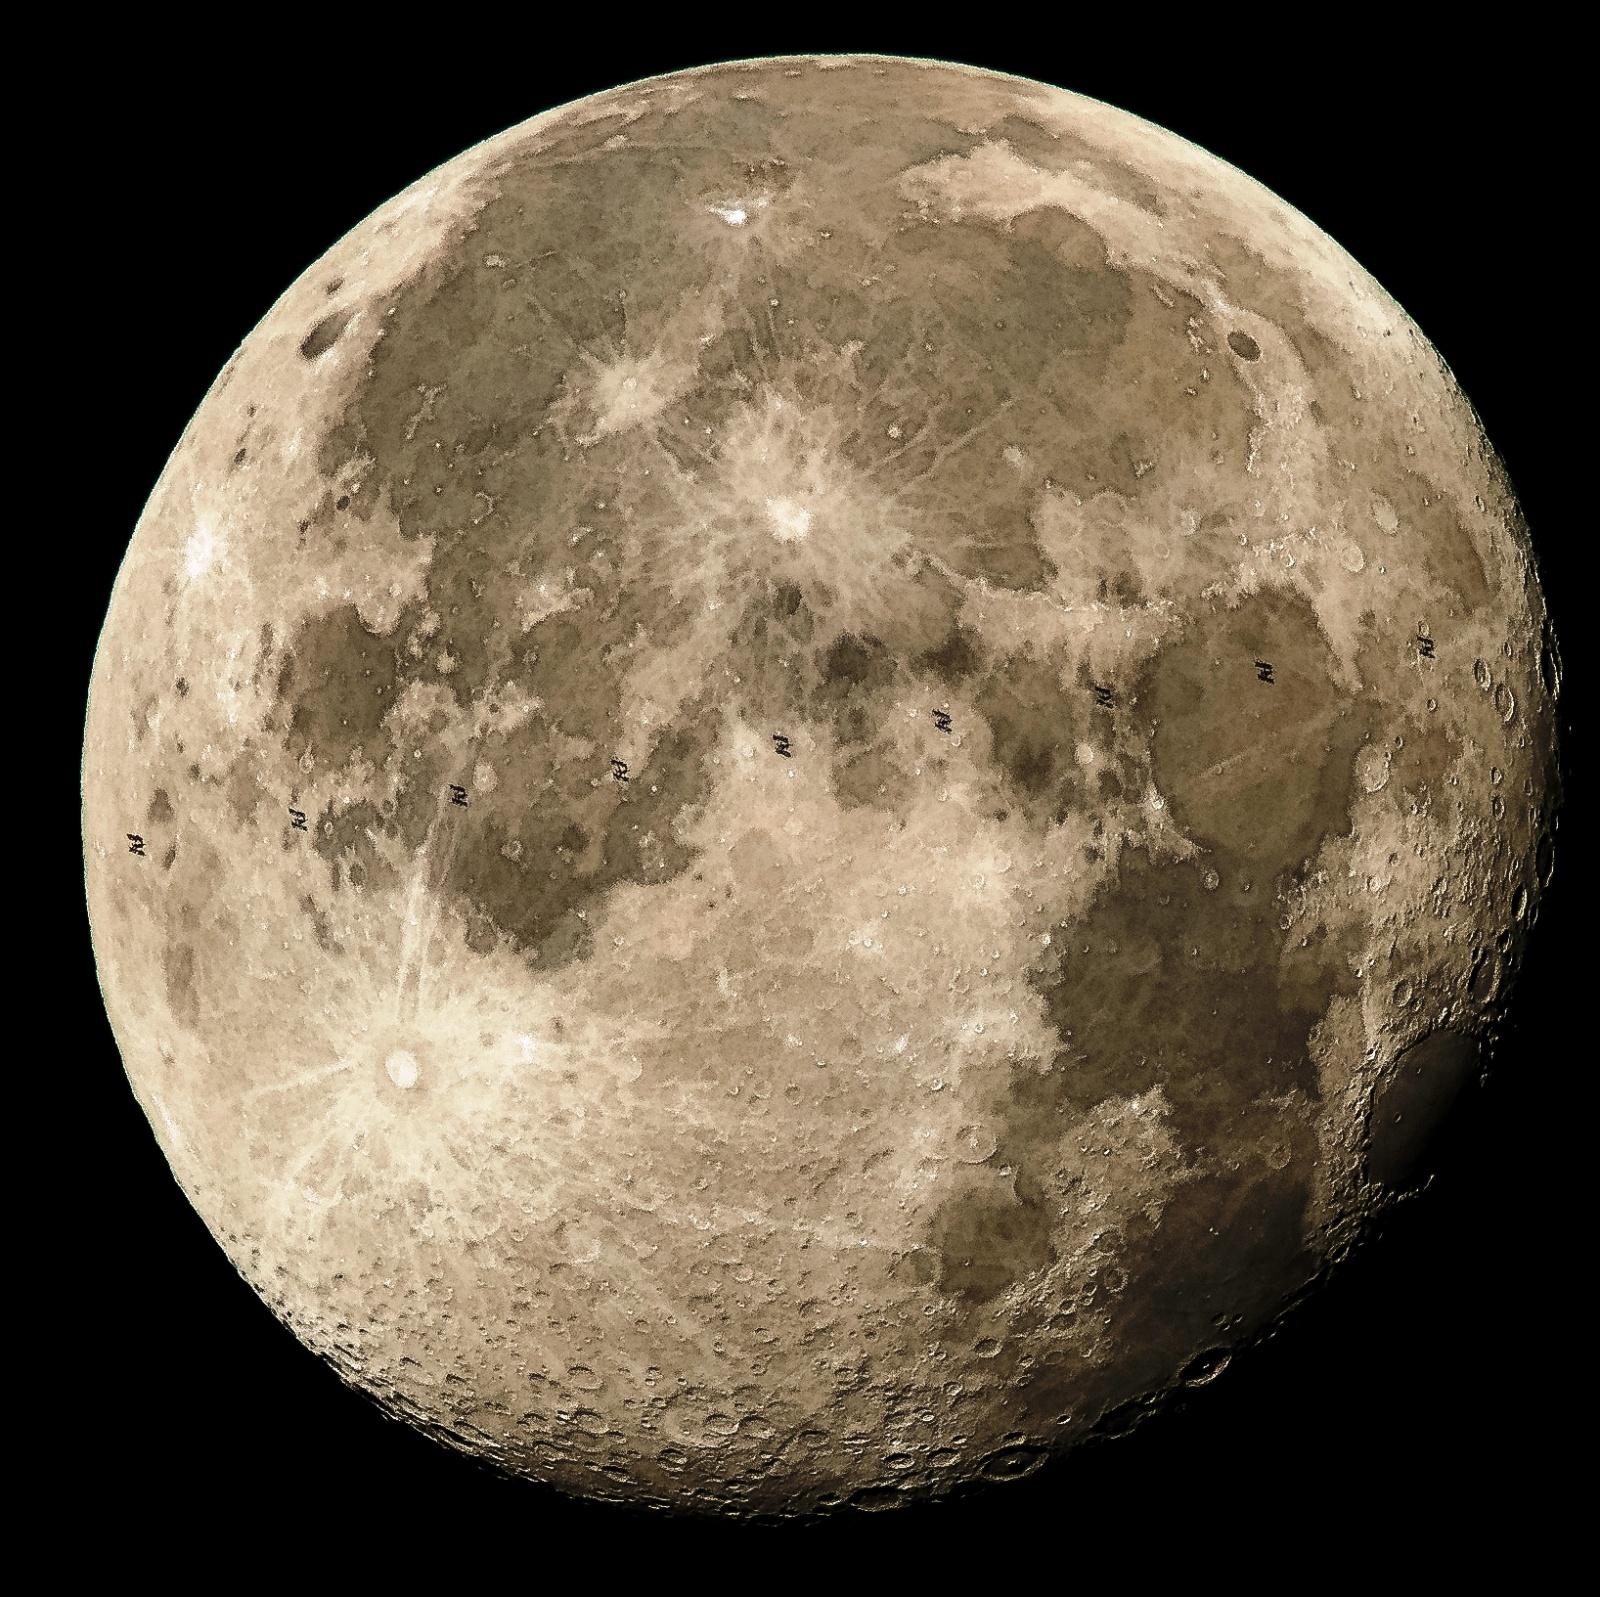 МКС проходит по диску Луны: фотография от NASA - 2